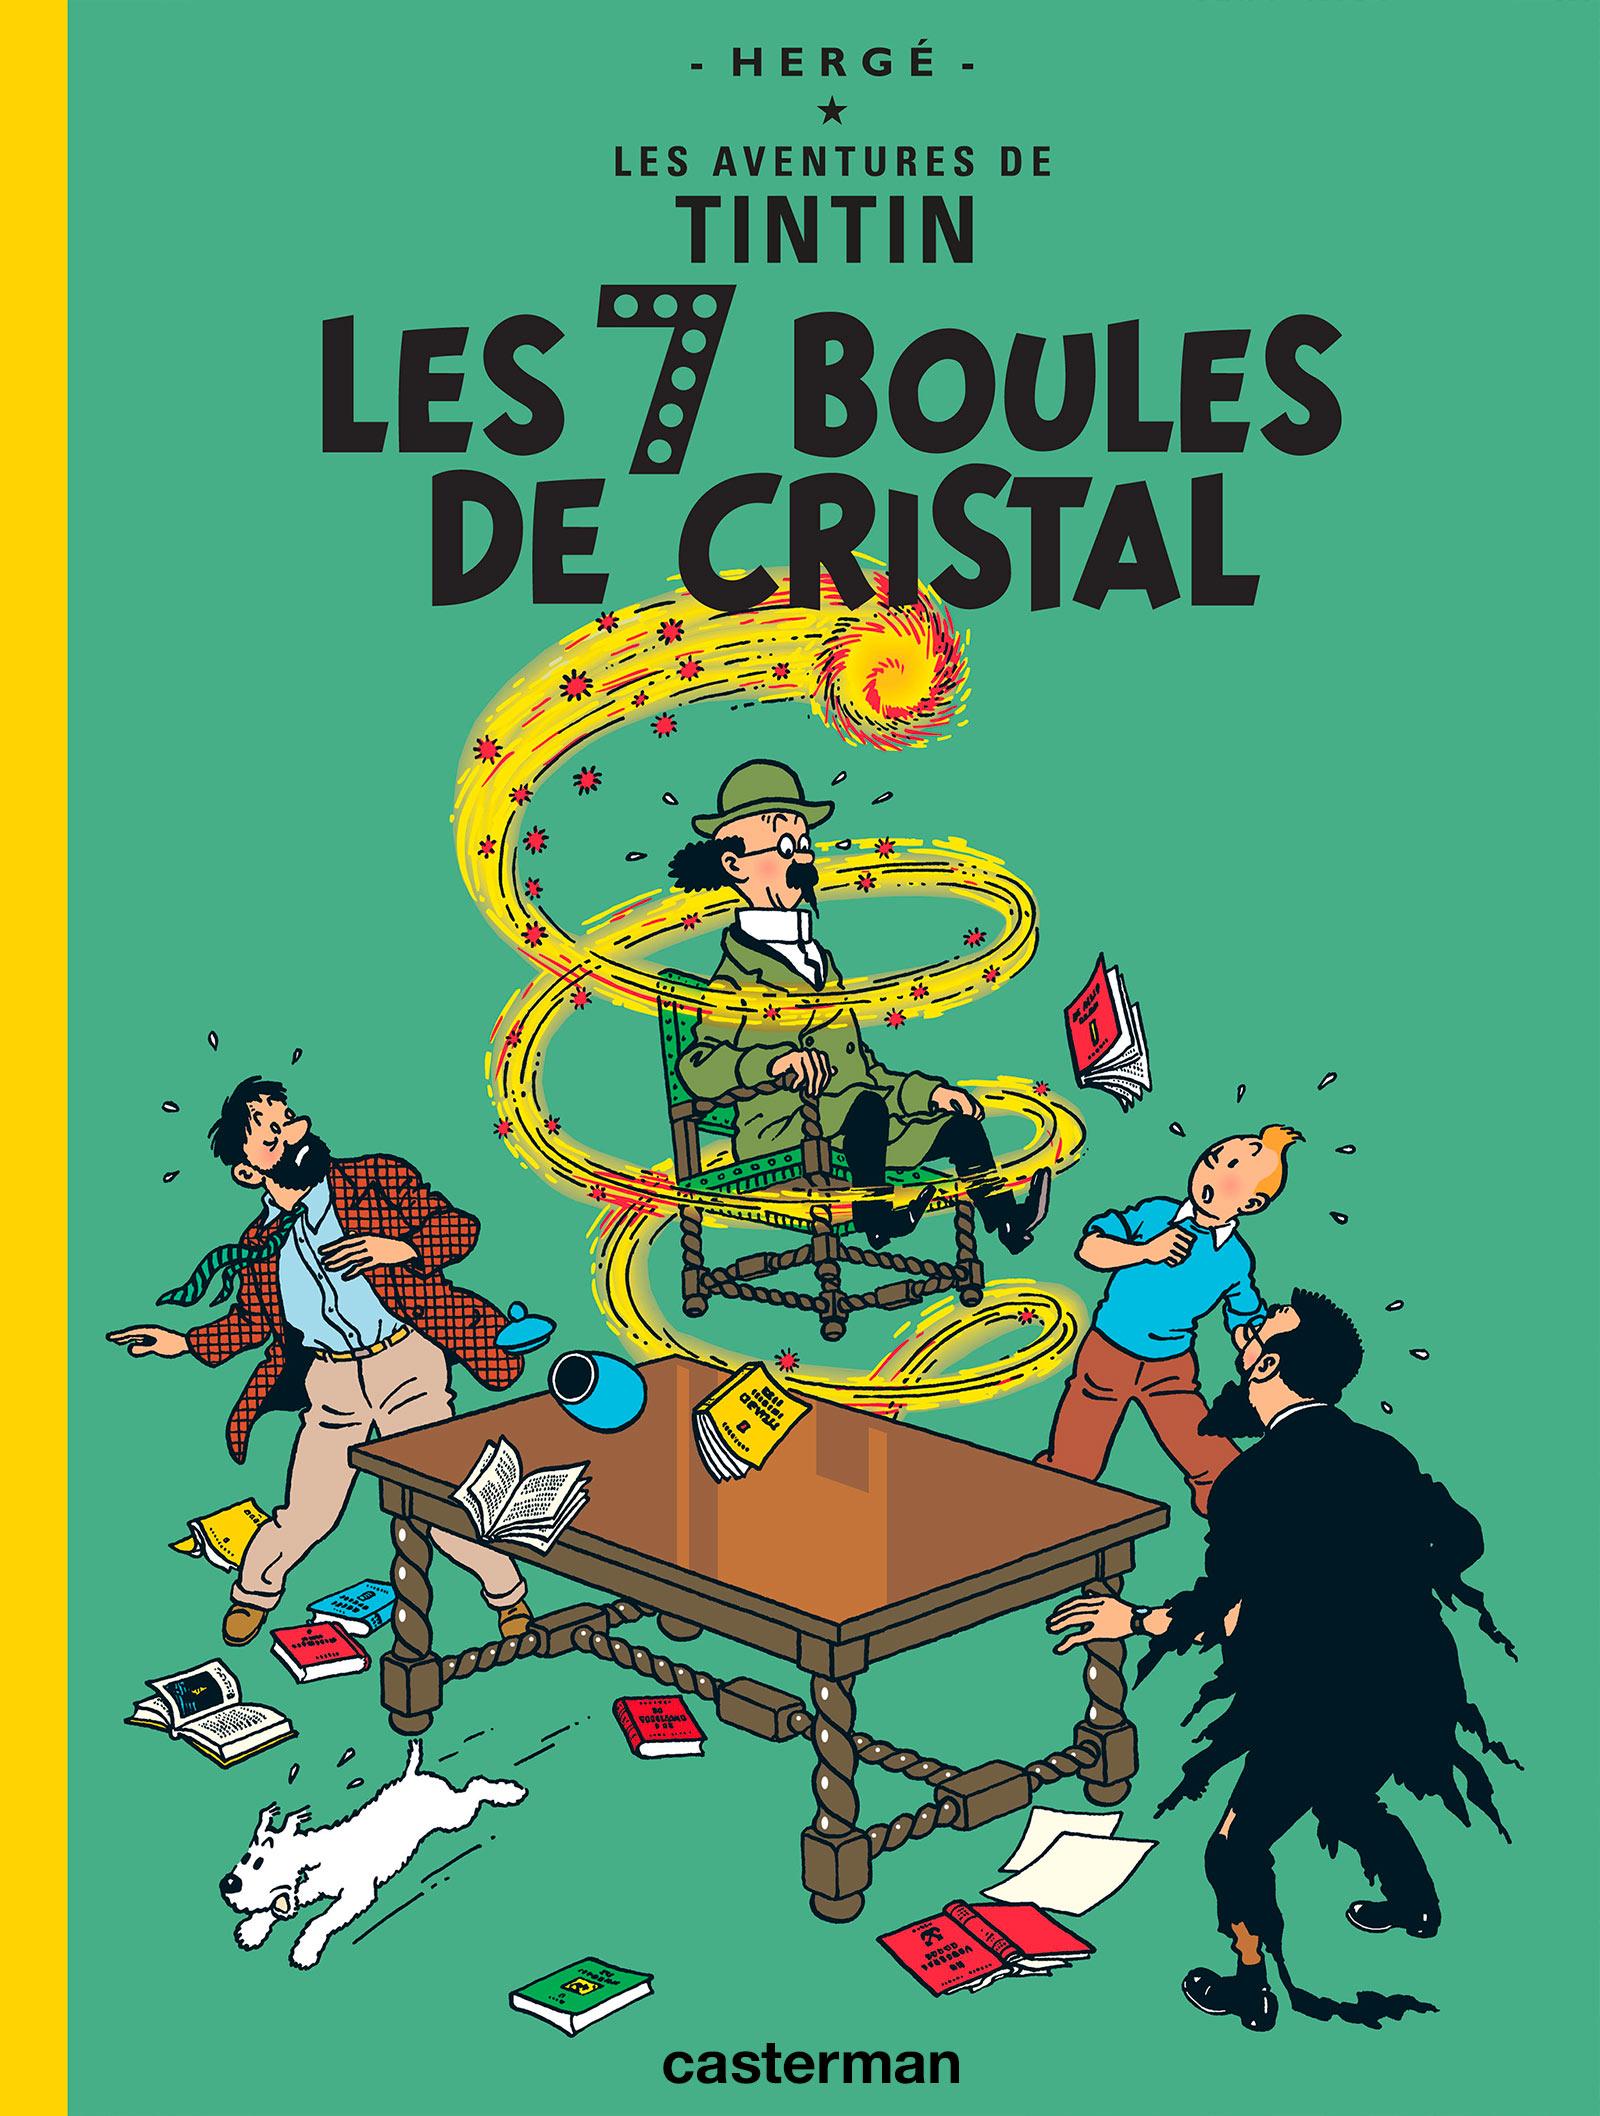 Les 7 Boules de cristal par Hergé